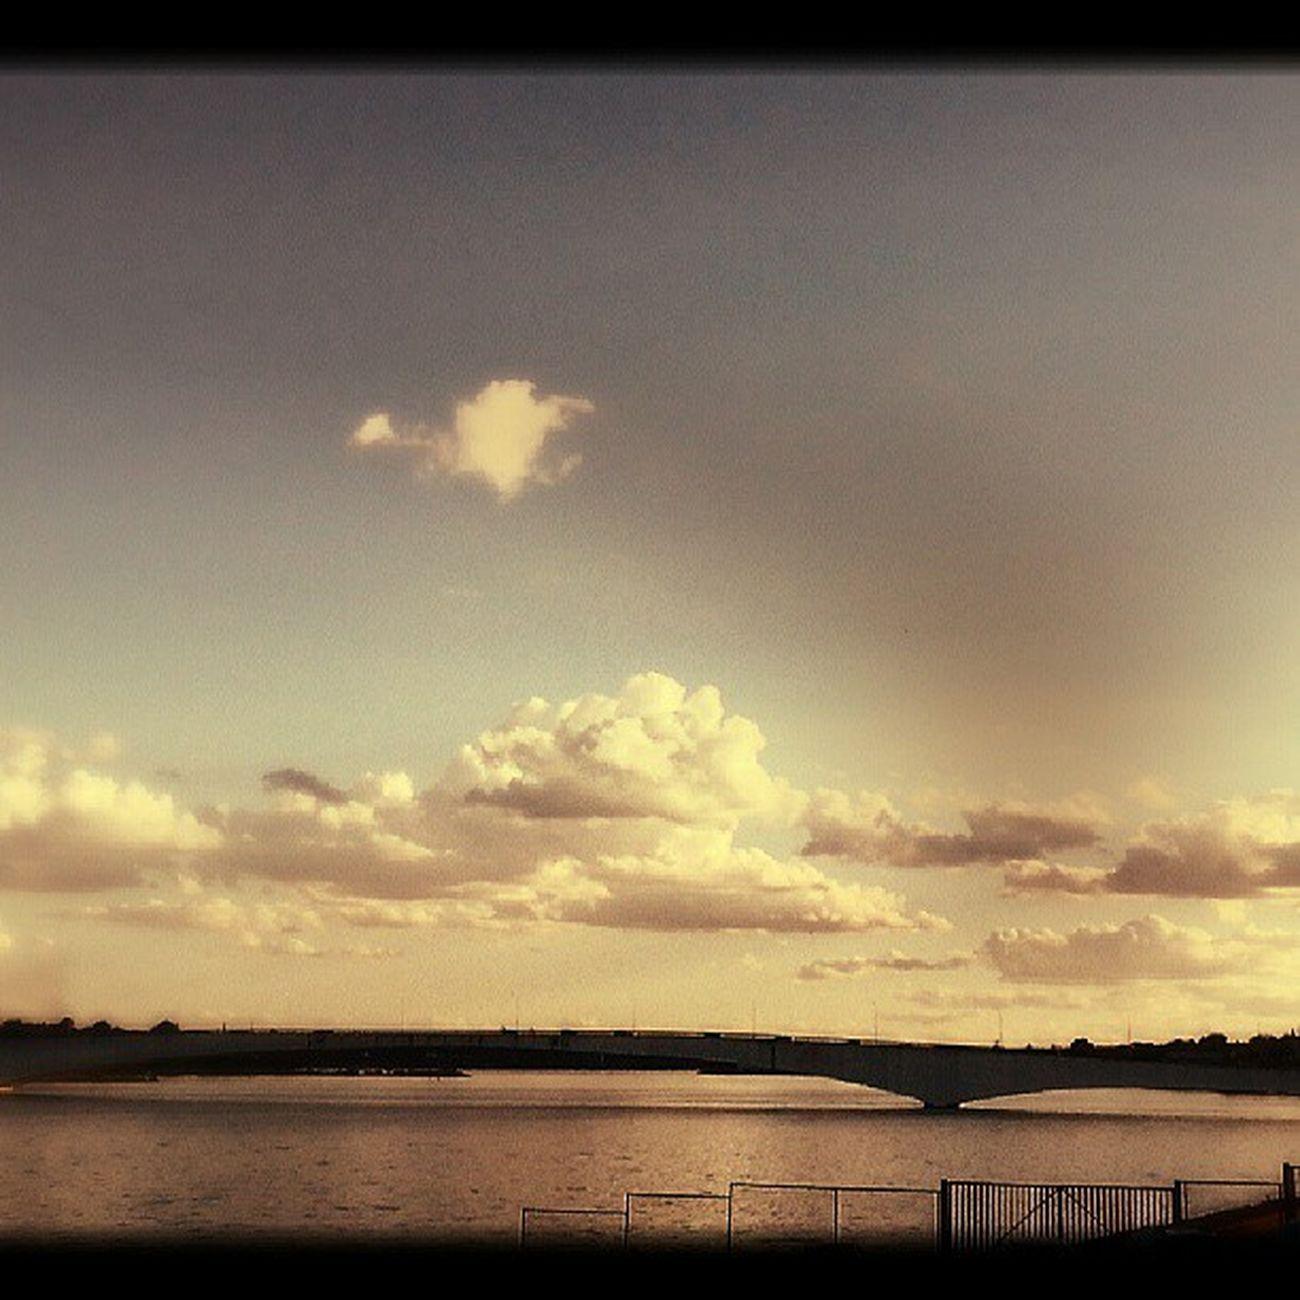 Olhando o Lago do Paranoa e lembrando do meu Amor @giselepirescn . Ja c saudades.